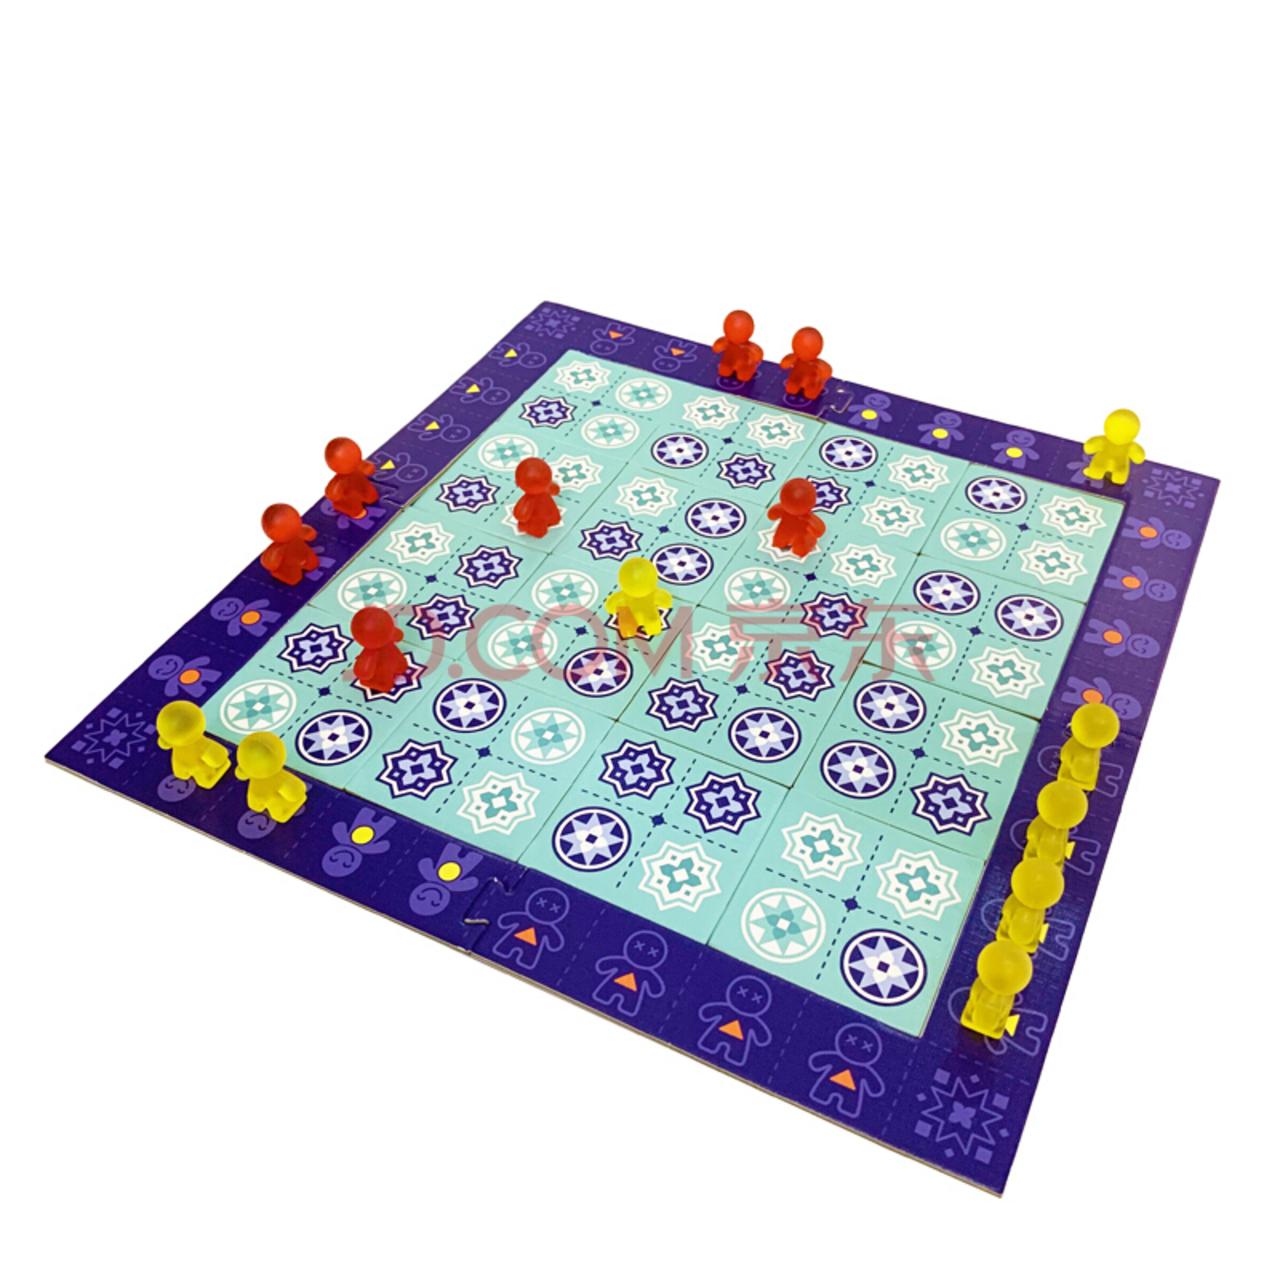 智行棋 - 为可爱的米宝铺设花砖